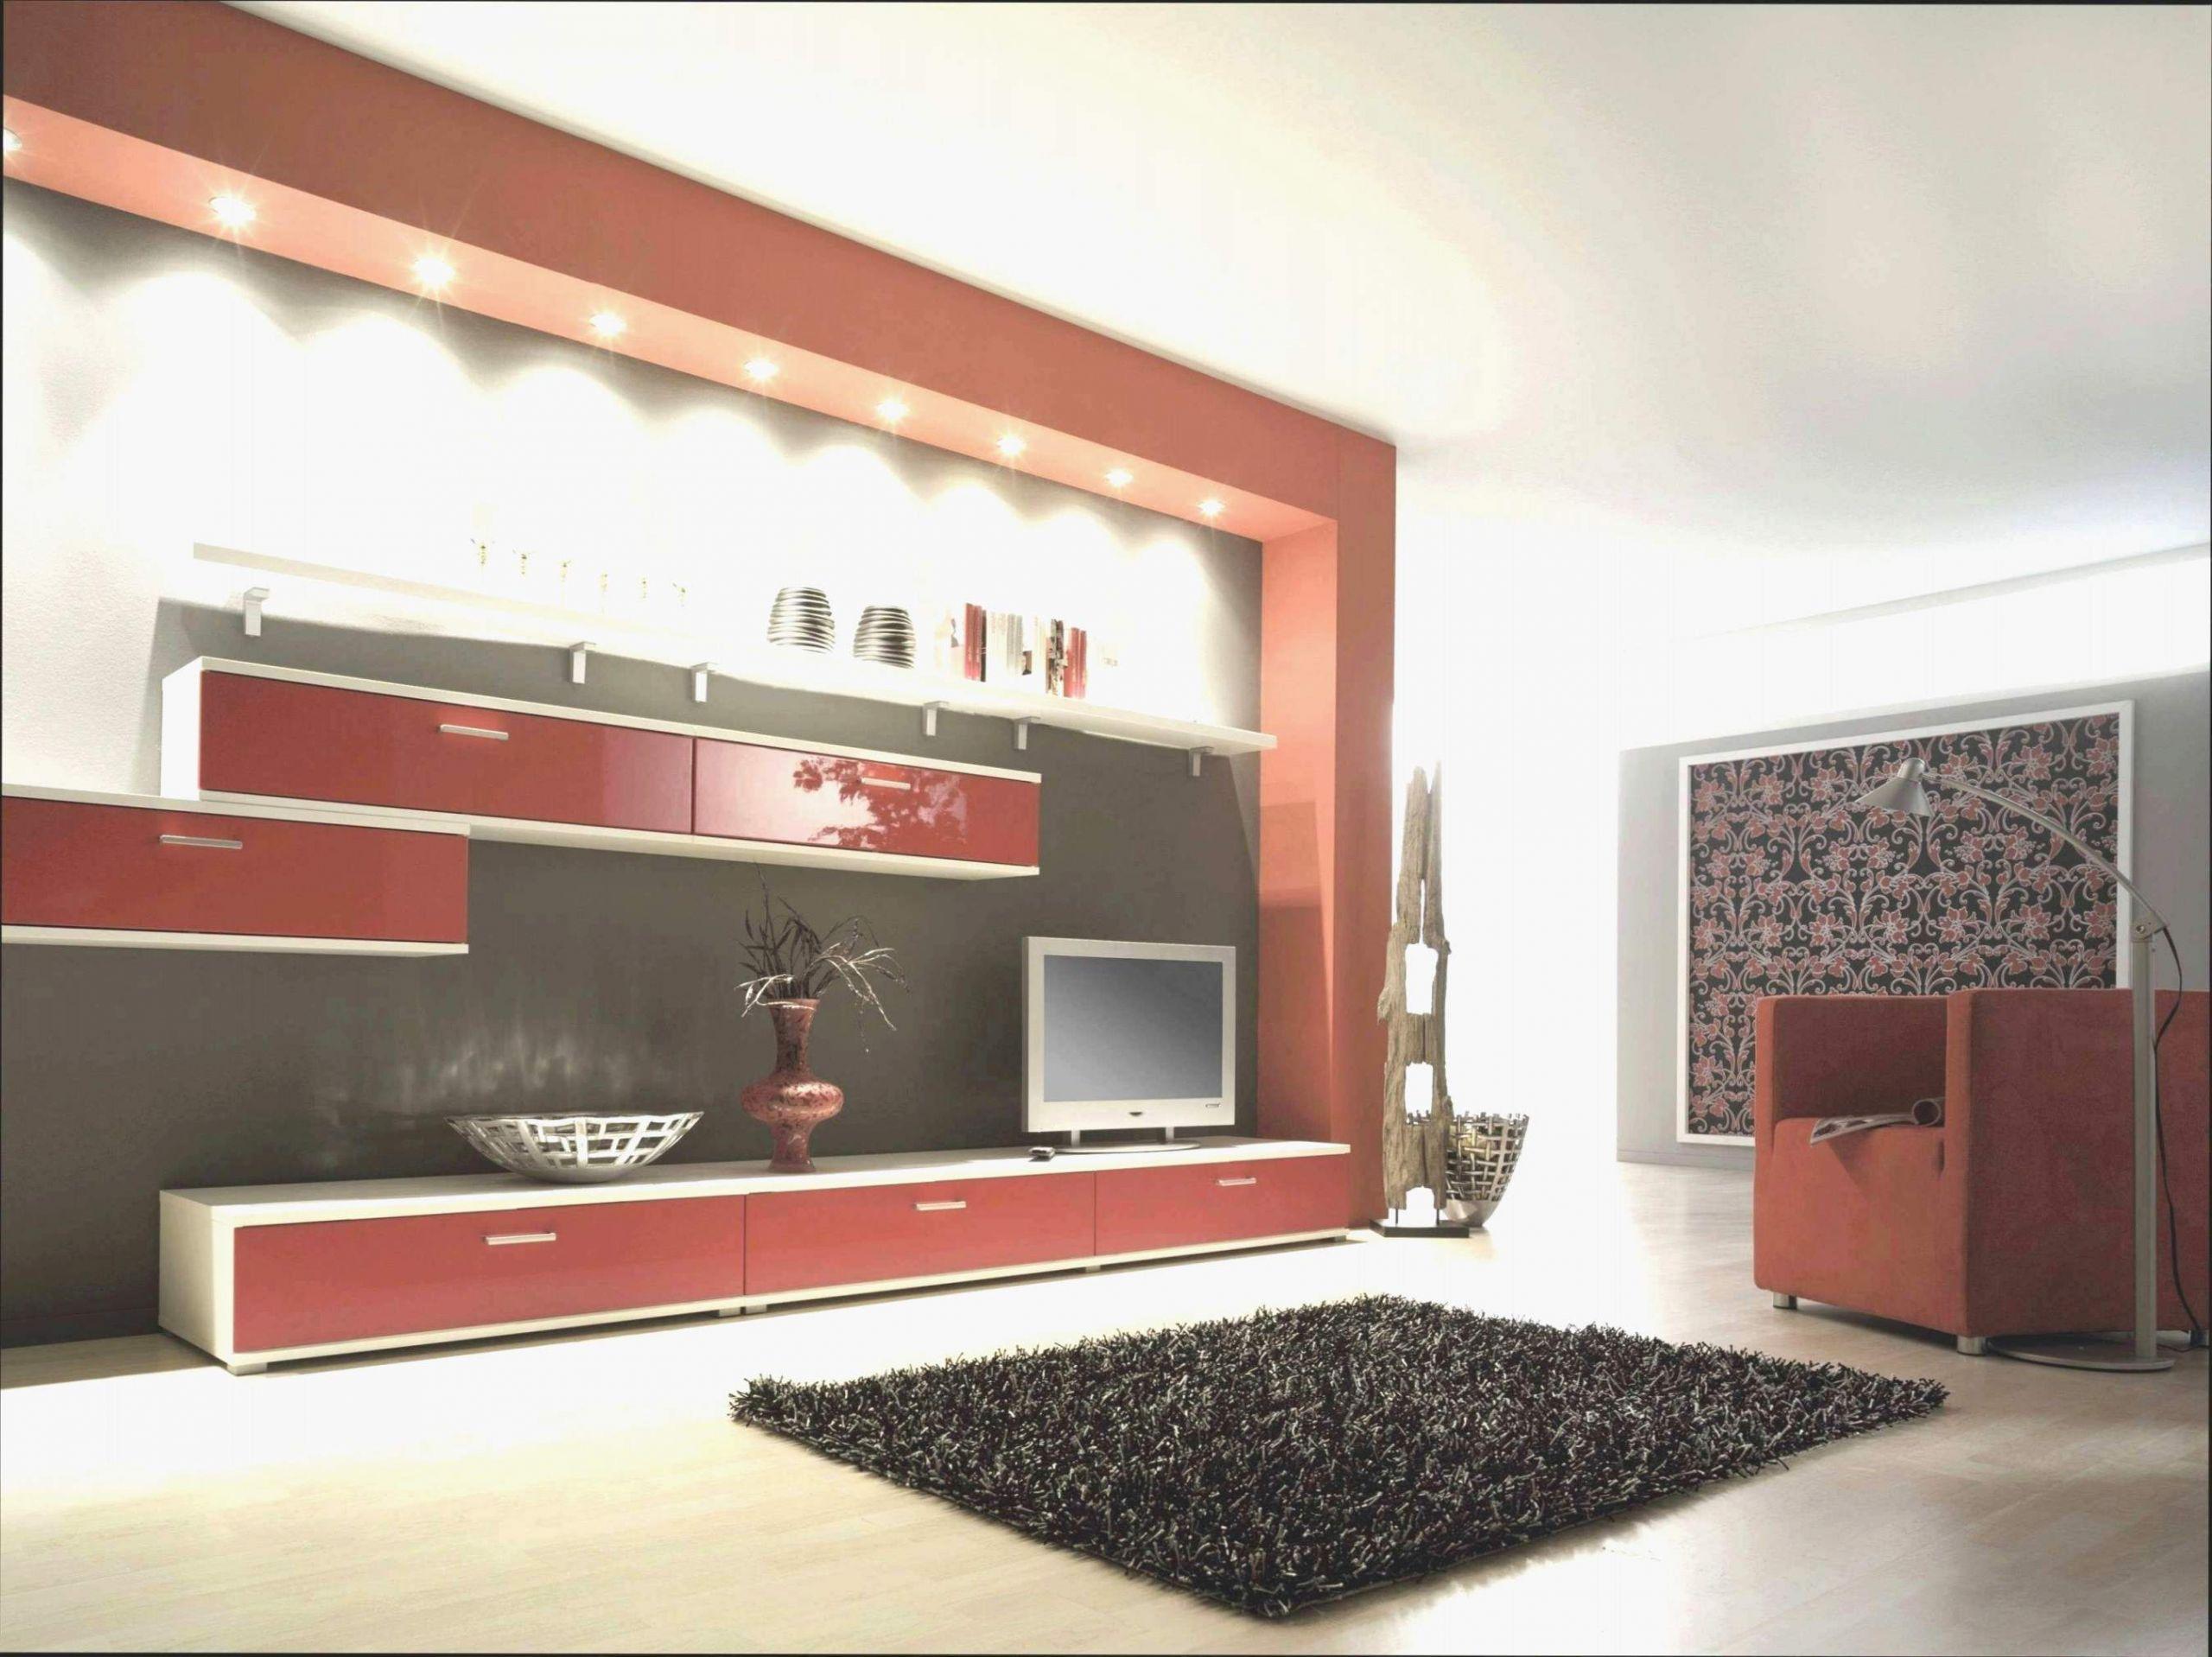 wohnzimmer accessoires reizend wohnwand ideen ikea branche deko ideen mit holz design of wohnzimmer accessoires